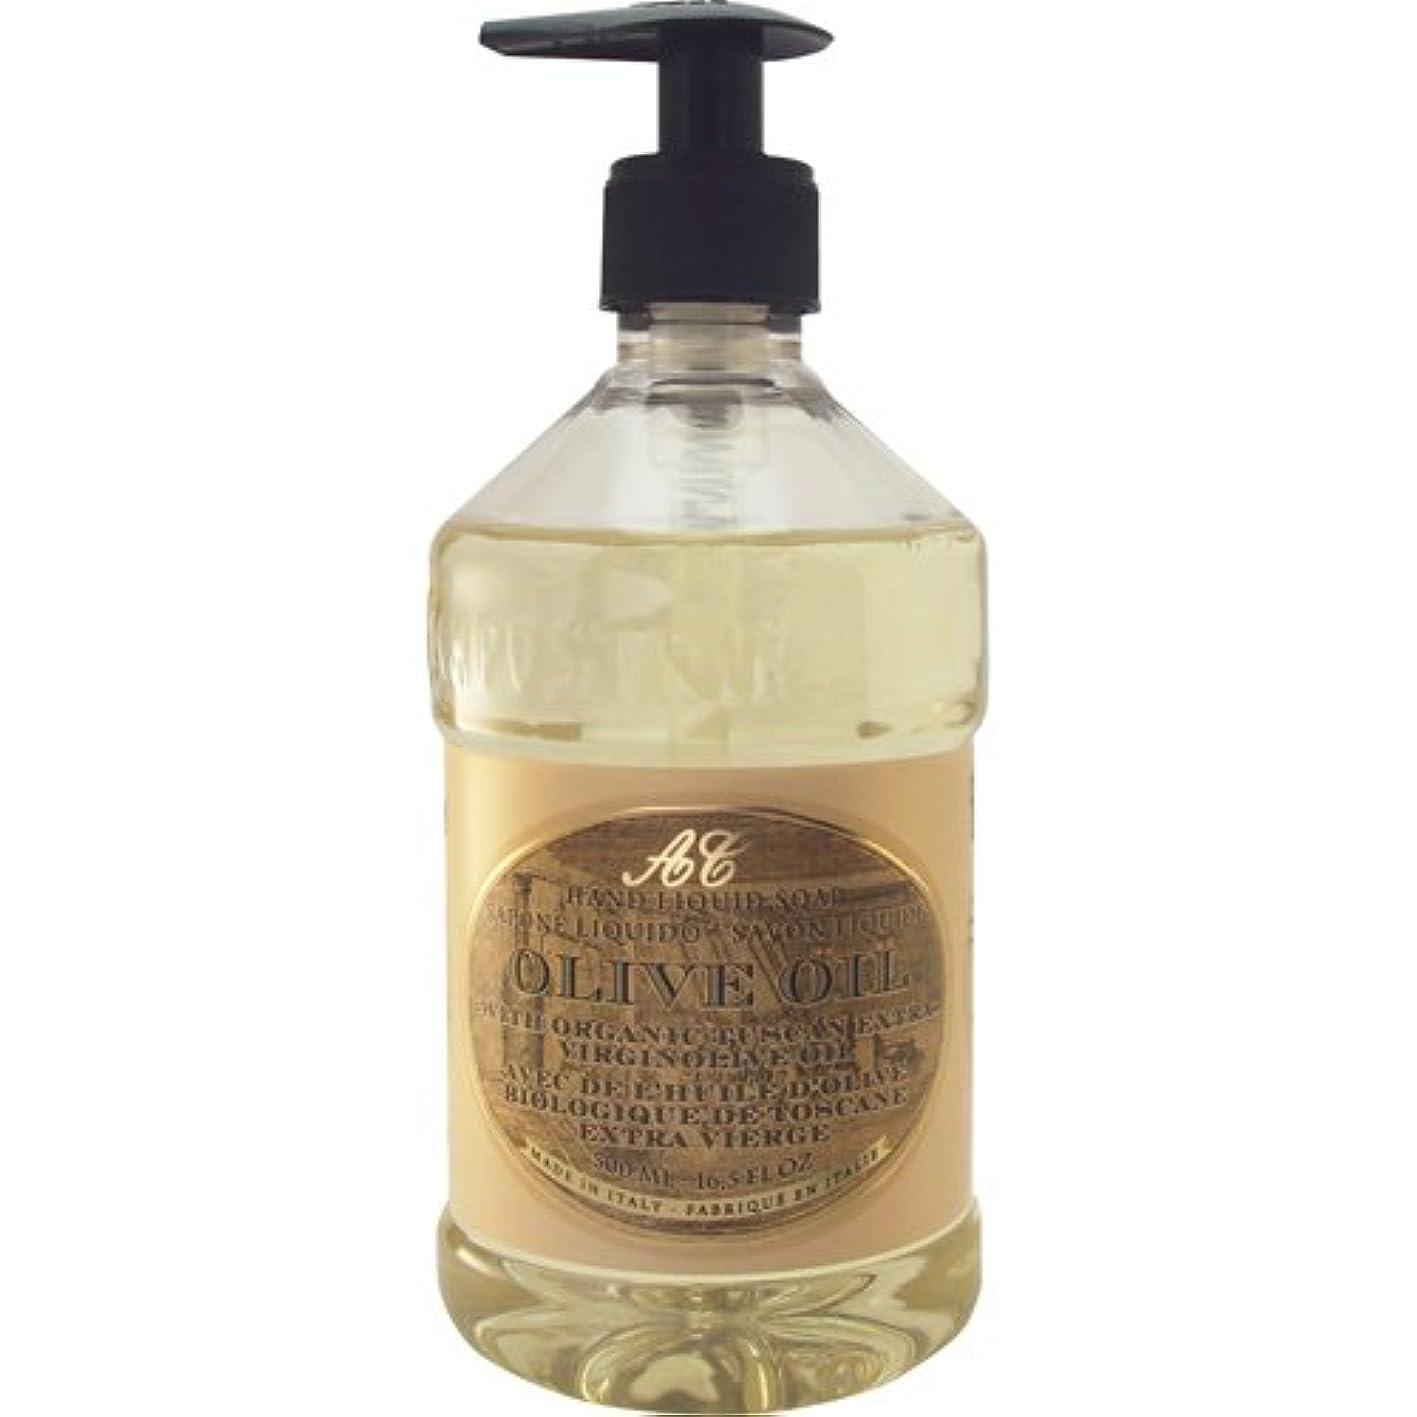 辛い戸惑う社員Saponerire Fissi レトロシリーズ Liquid Soap リキッドソープ 500ml Olive Oil オリーブオイル